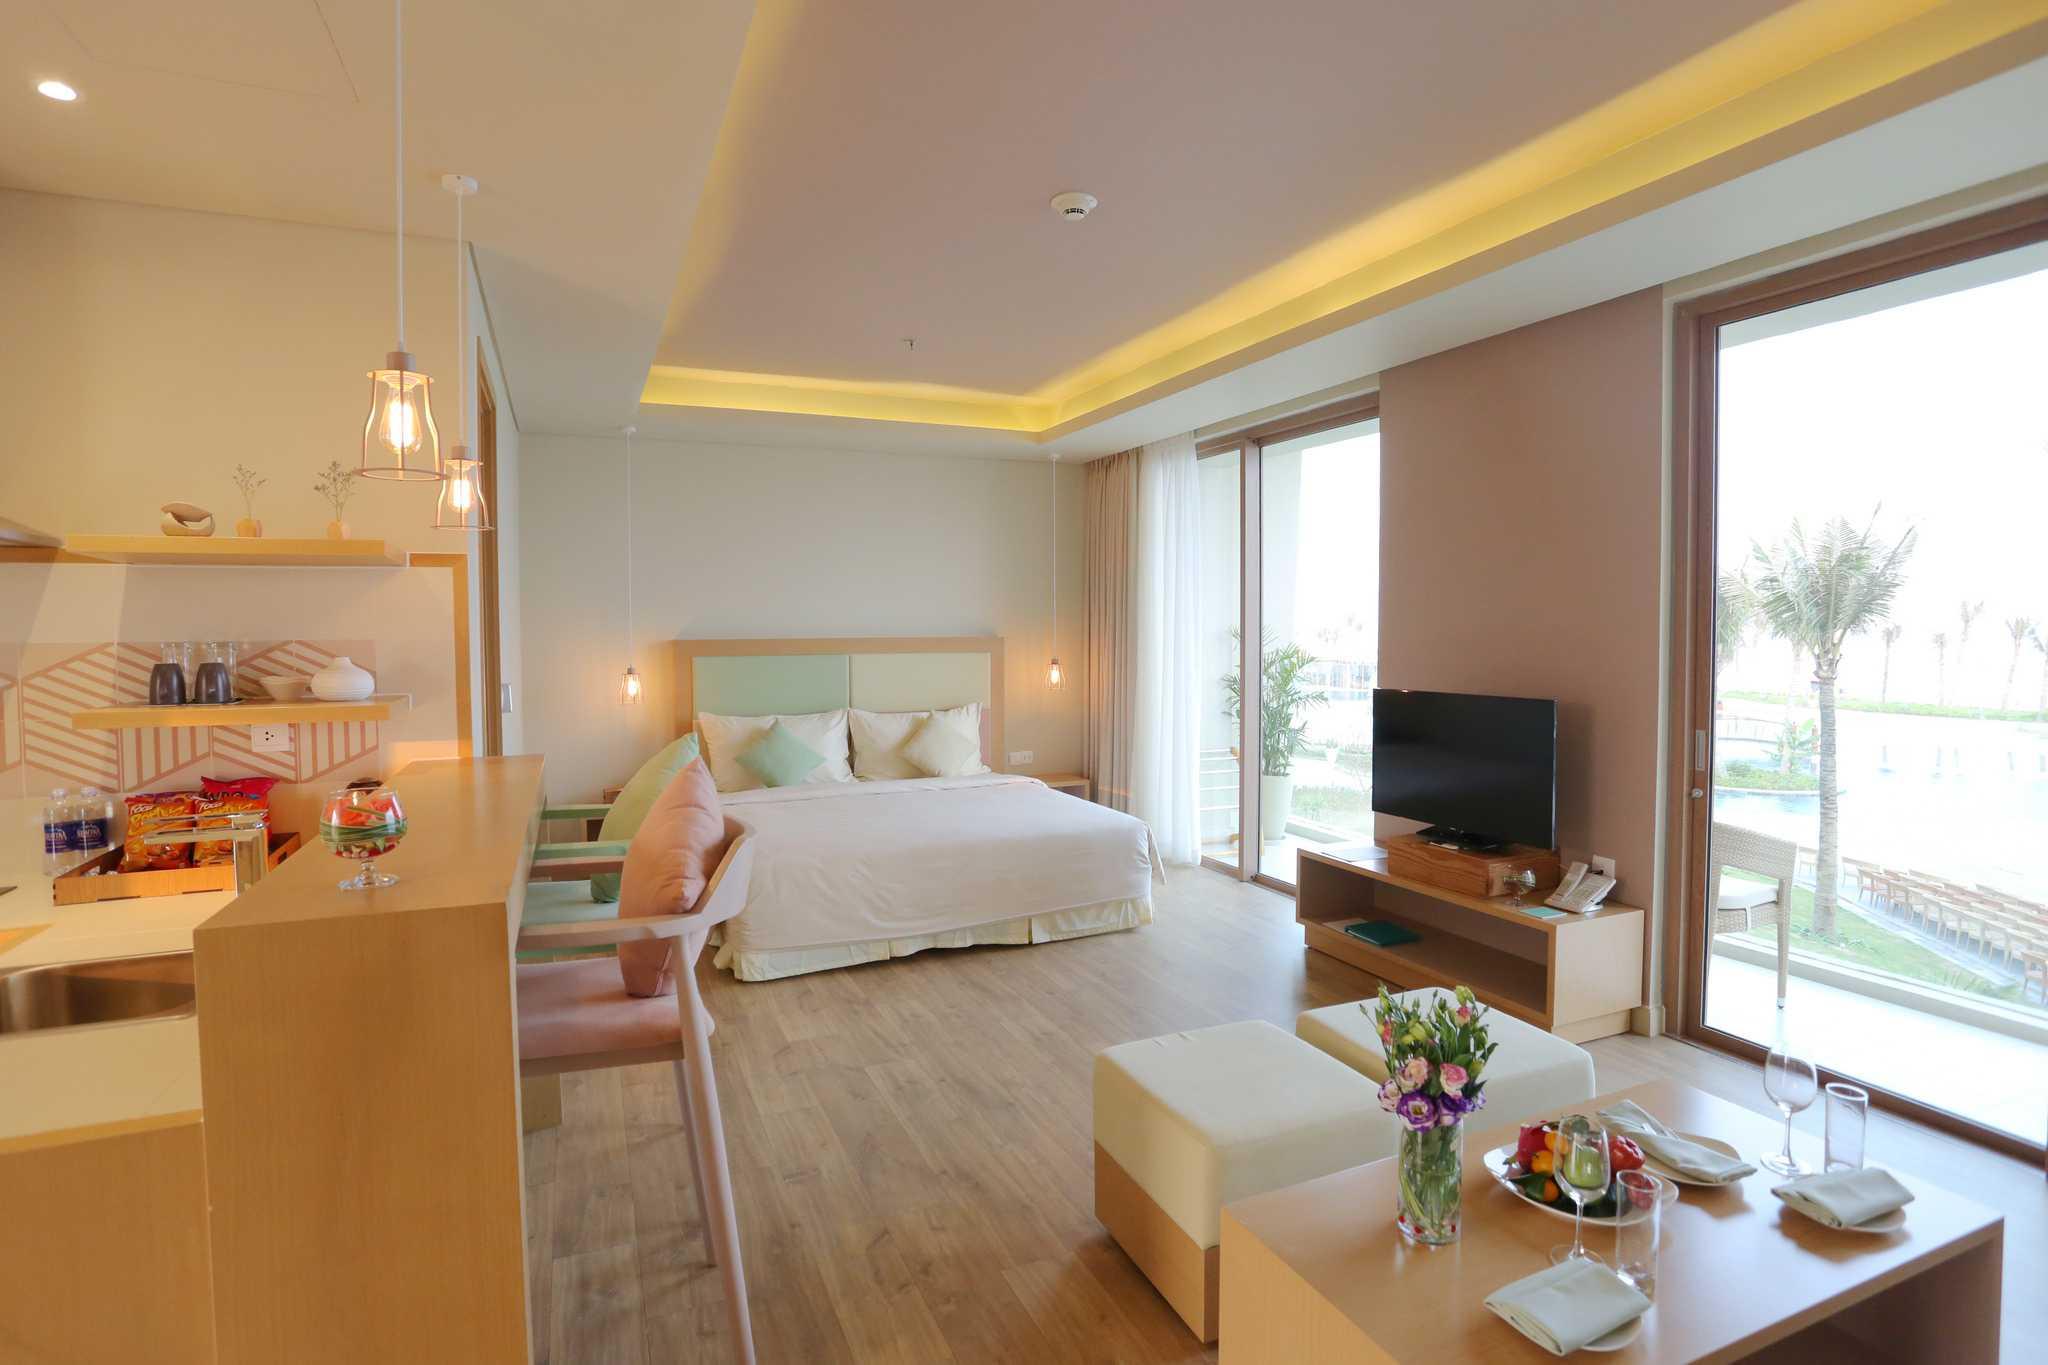 Căn hộ khách sạn của FLC Luxury Hotel Sầm Sơn có thiết kế trang nhã, hiện đại, với đa số căn có tầm nhìn hướng biển.